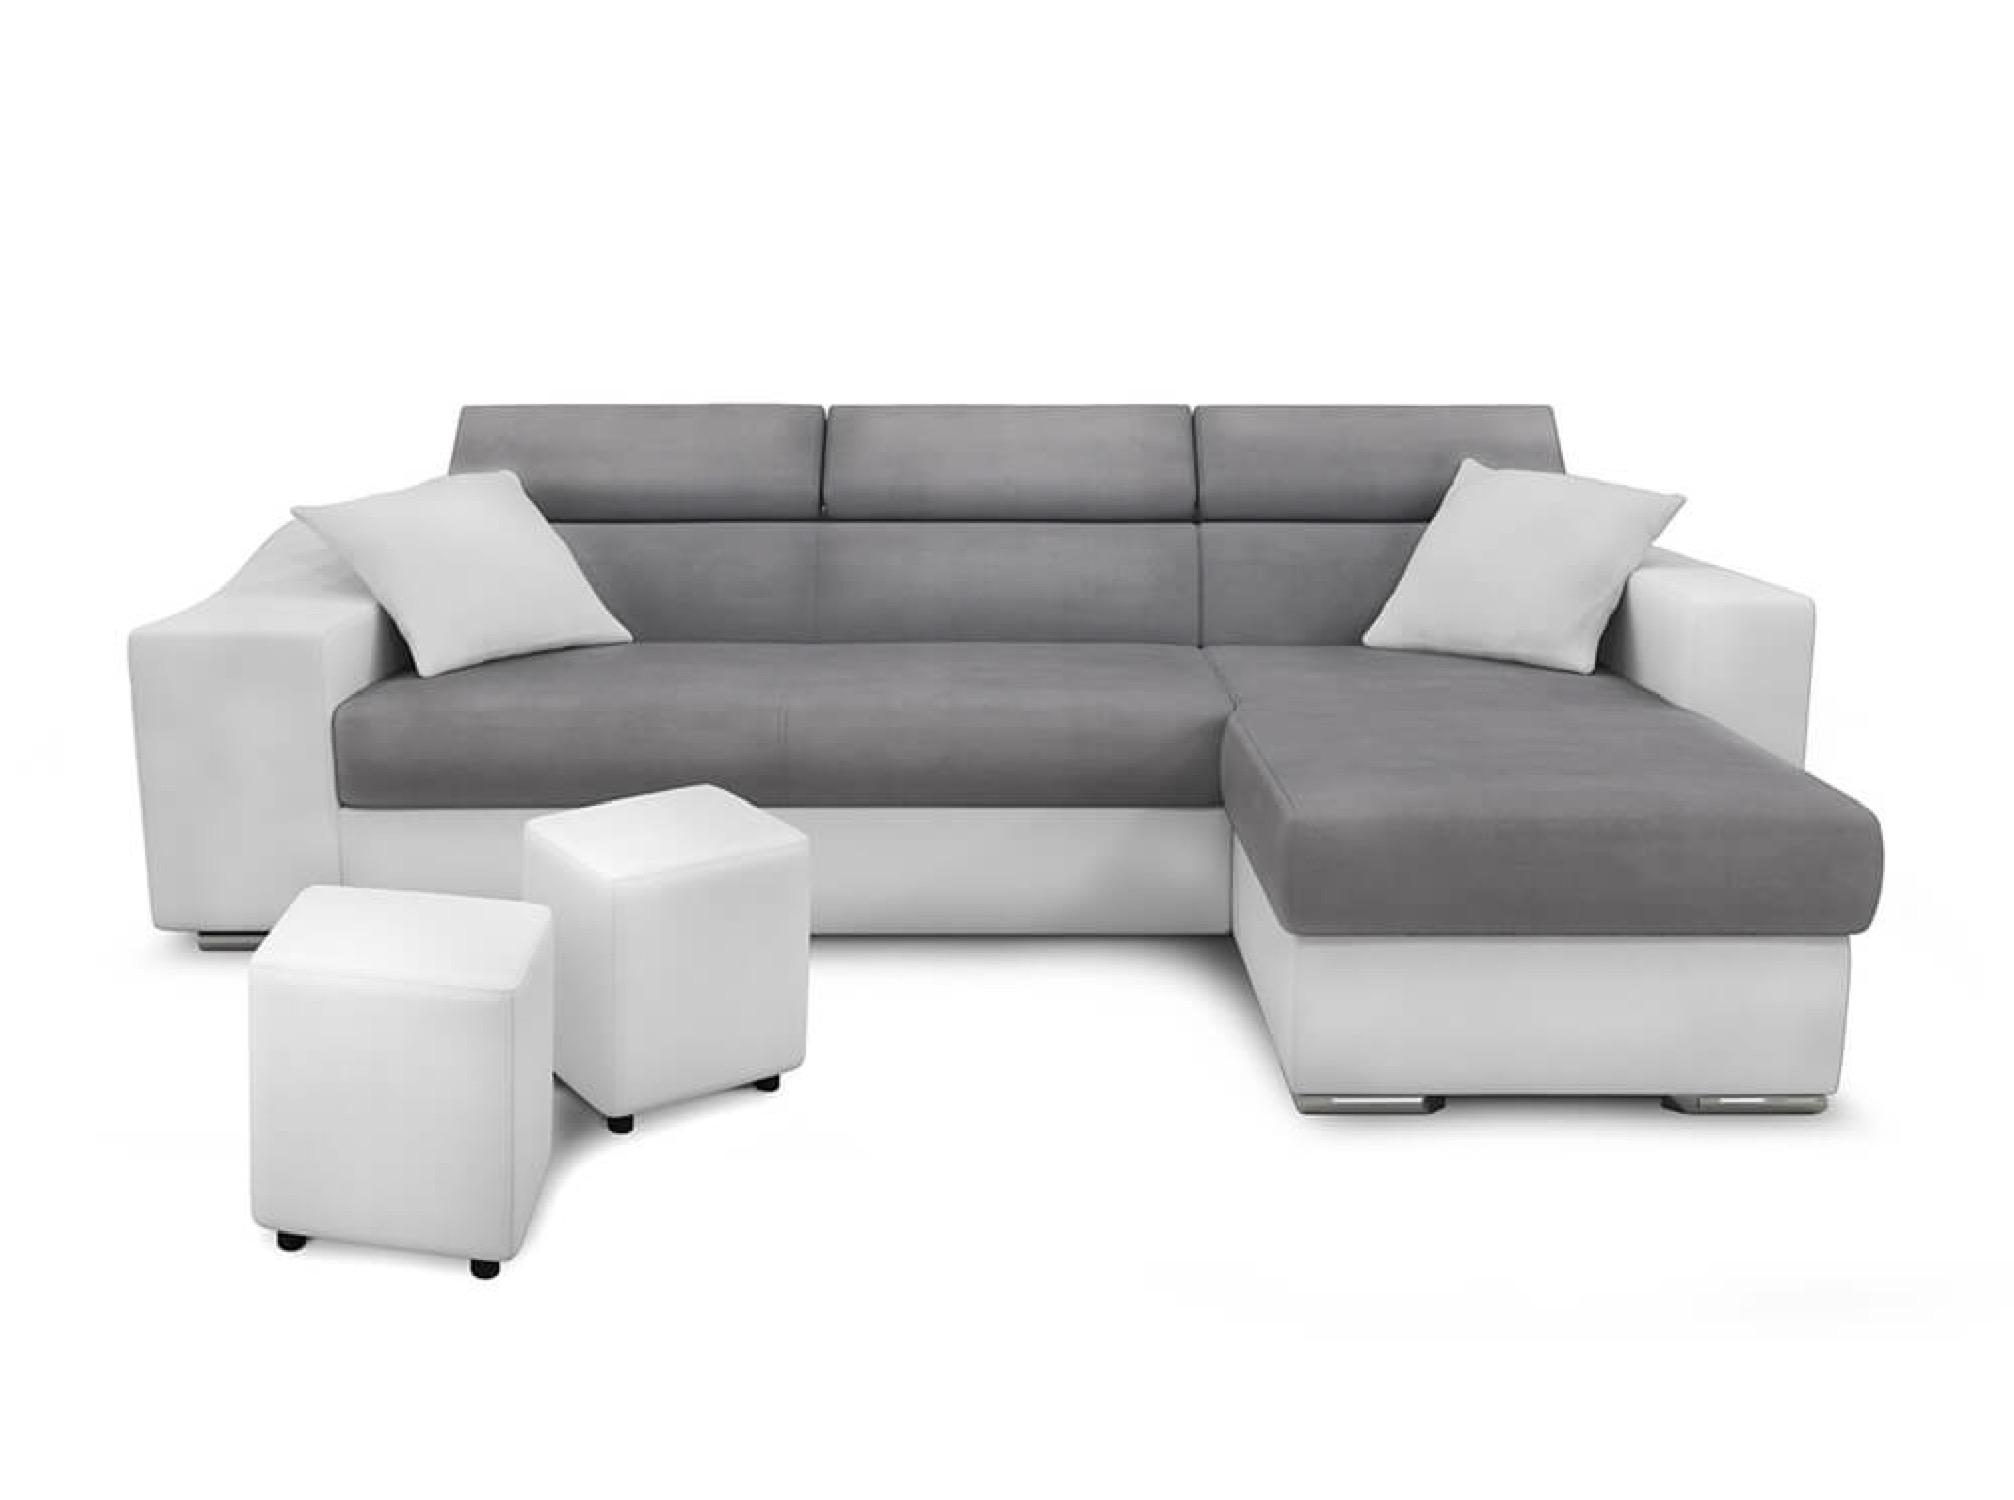 Canapé d'angle convertible blanc/gris avec niche de rangement gauche